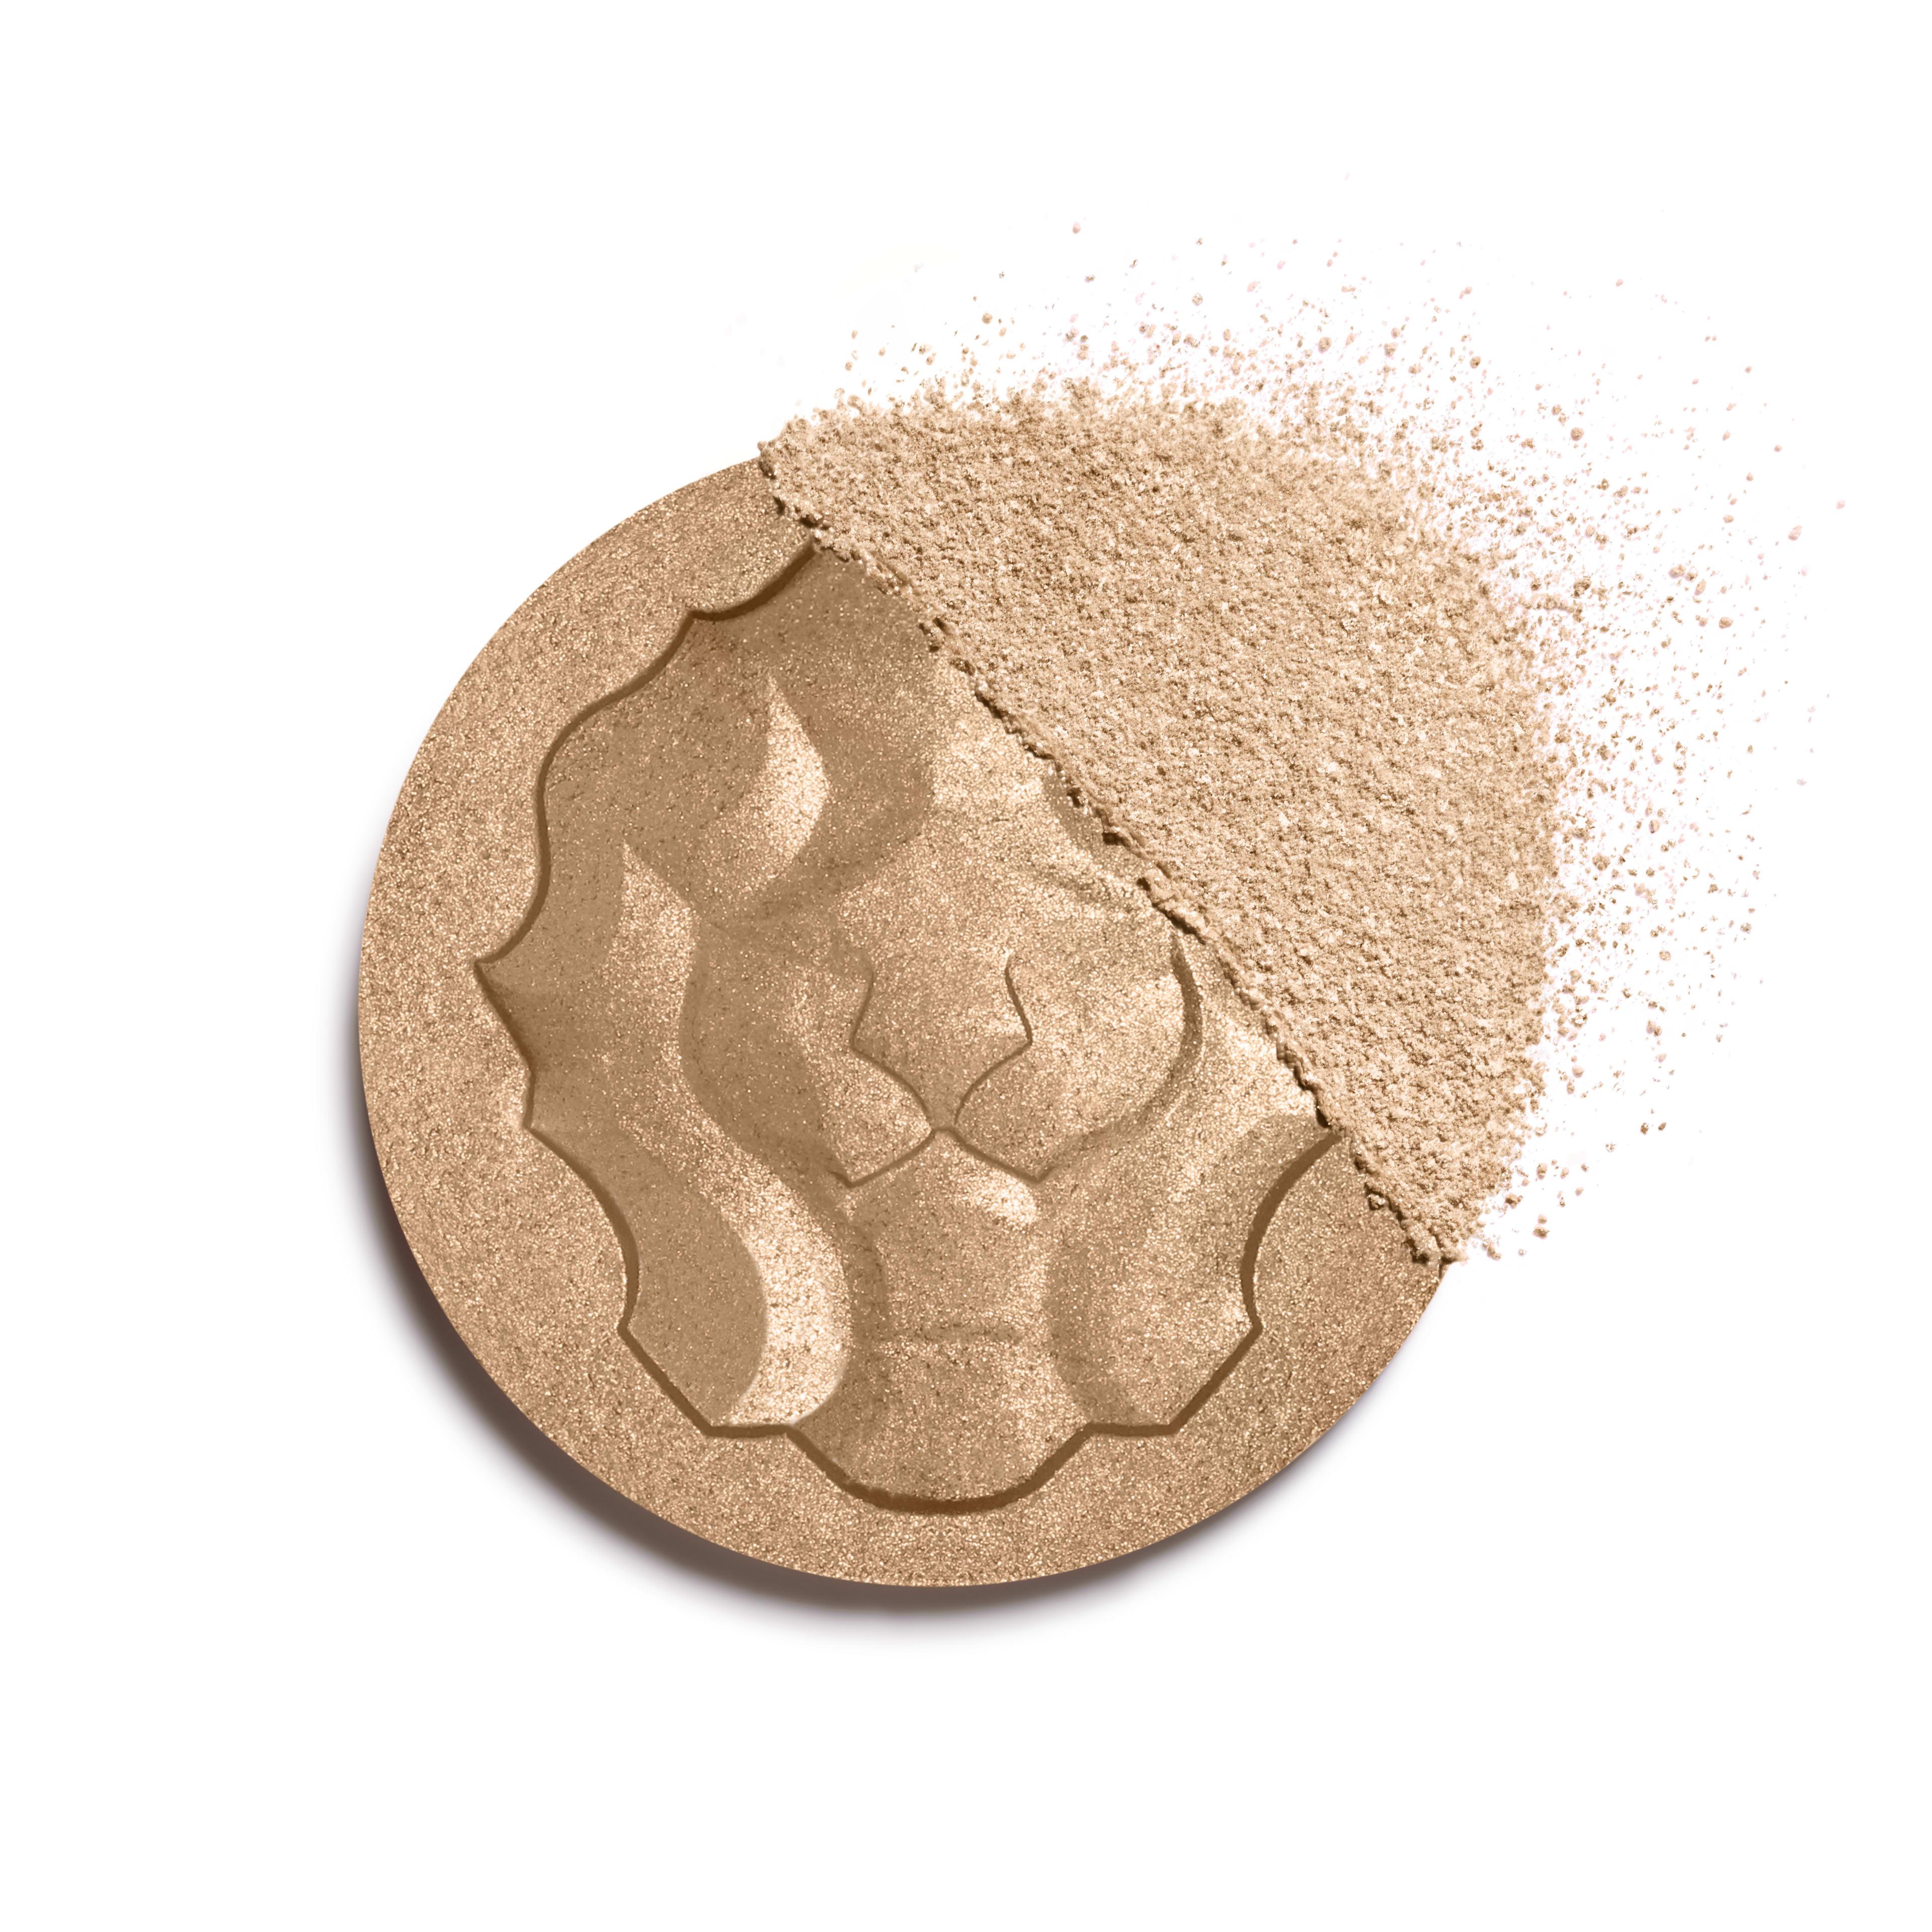 LE LION DE CHANEL - makeup - 0.28OZ. - Basic texture view